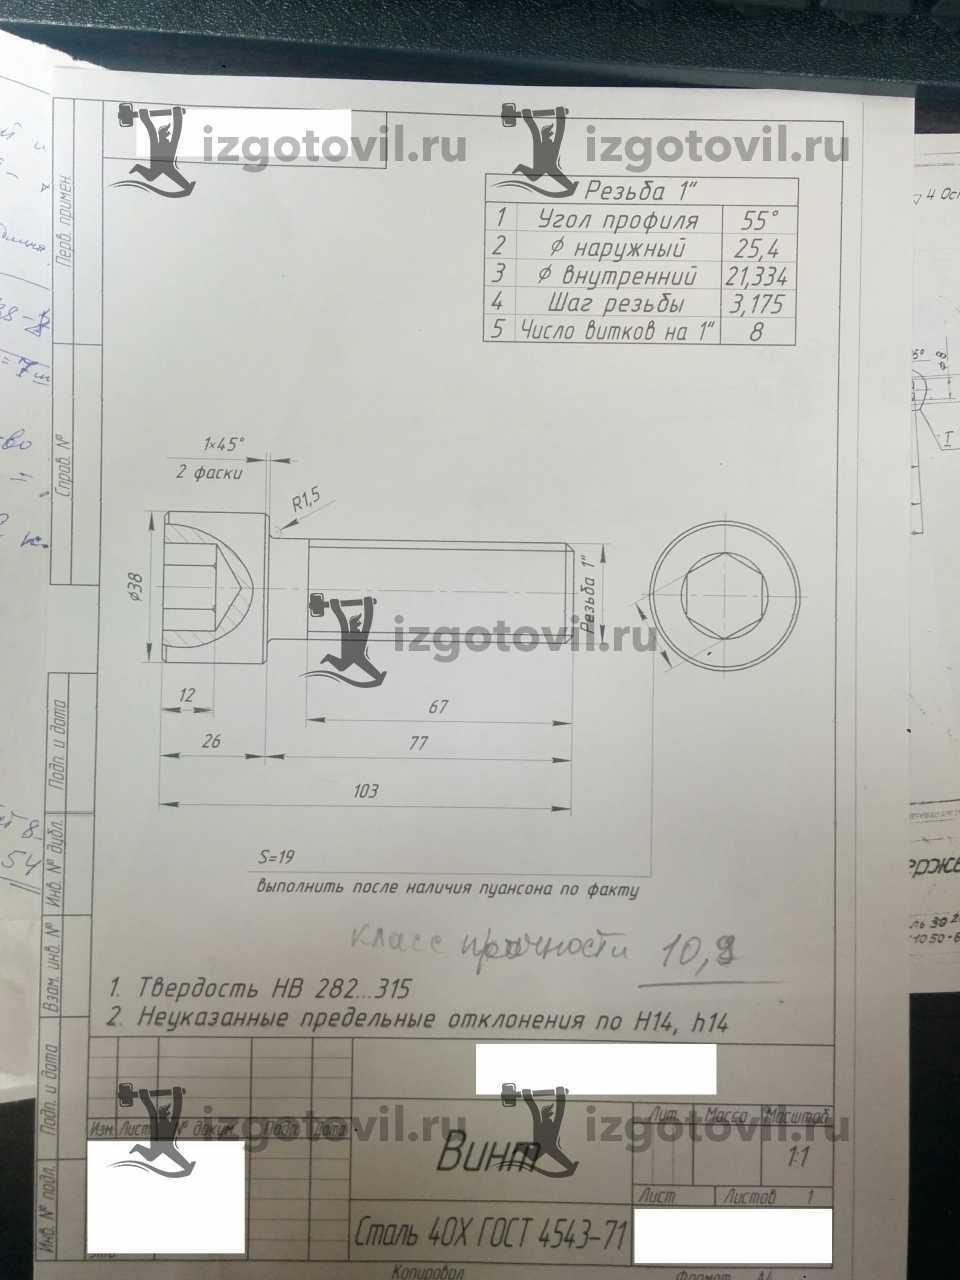 Изготовление винта по чертежу